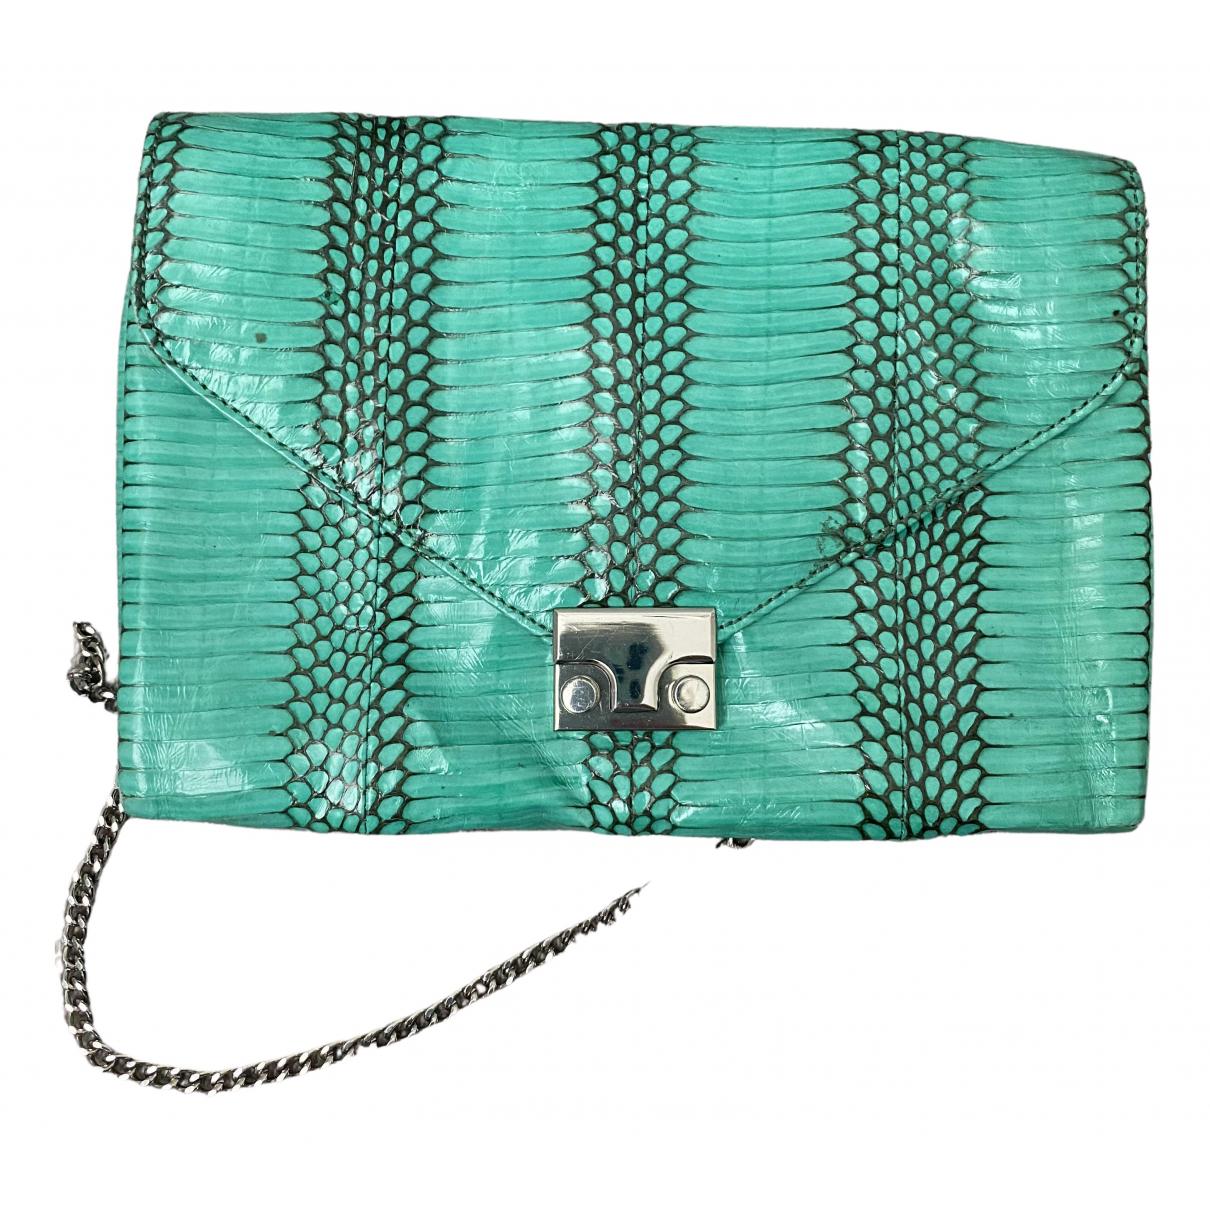 Loeffler Randall \N Green Leather handbag for Women \N